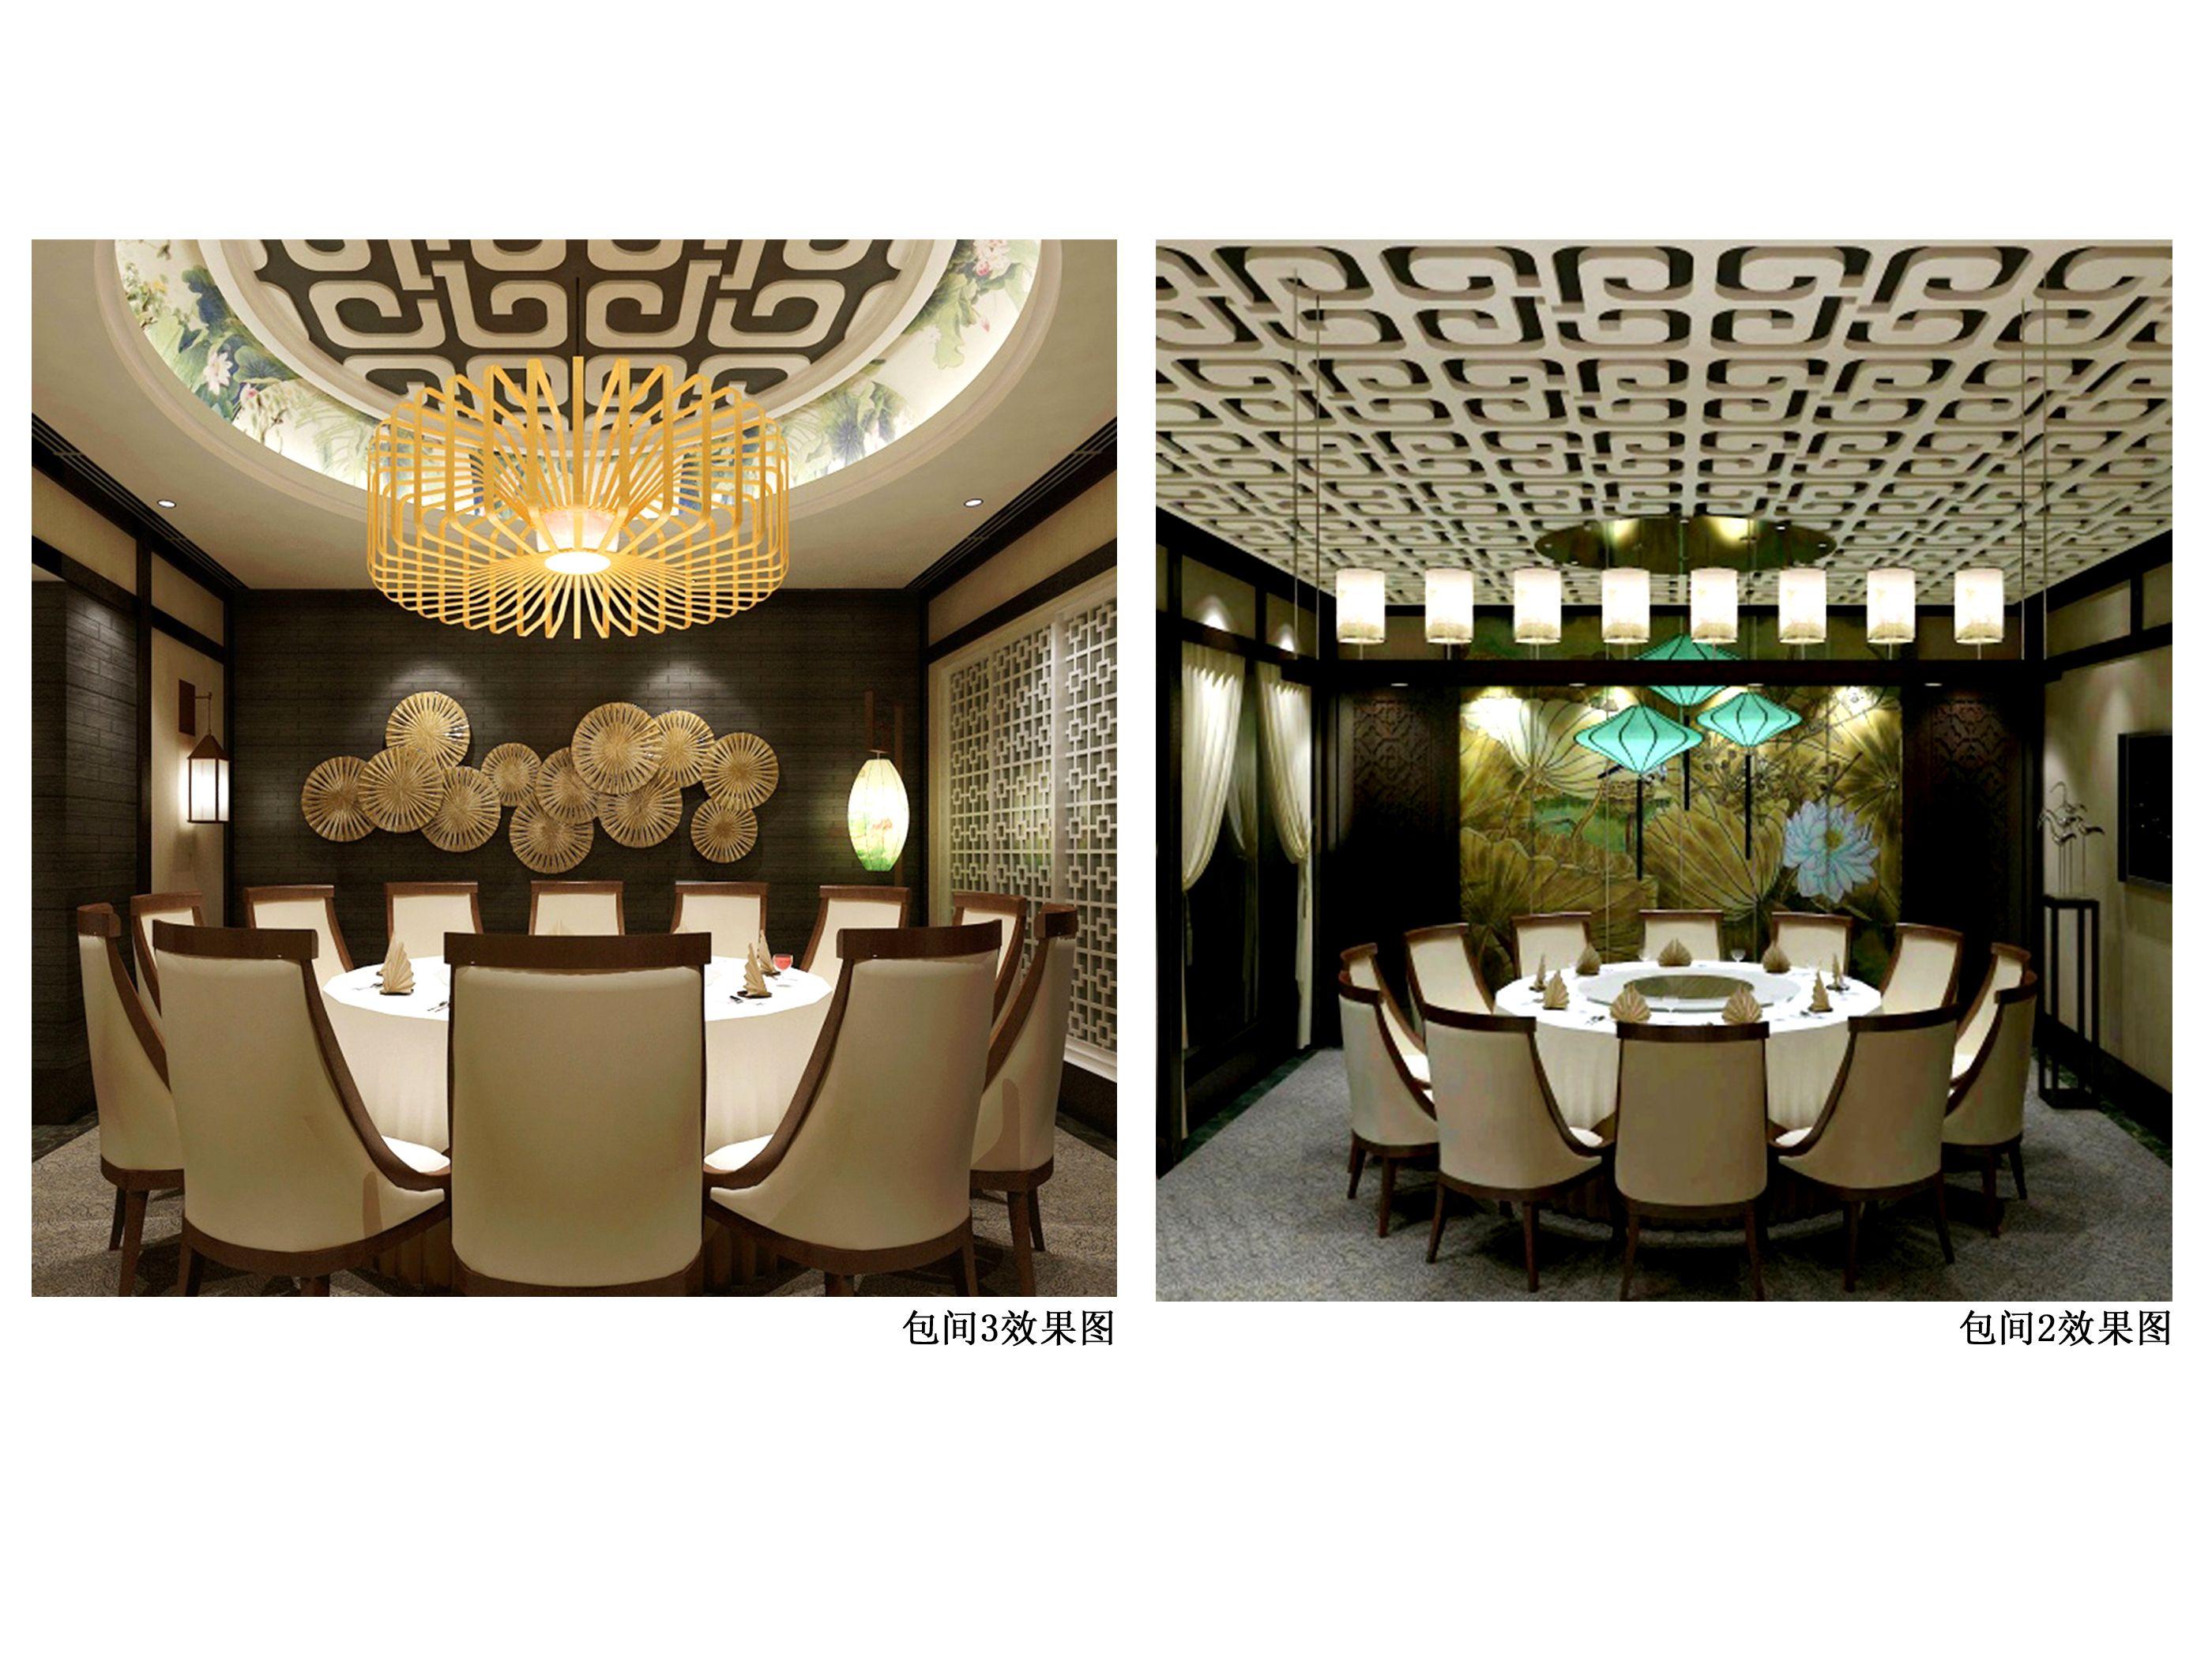 成都东林商业广场川菜馆 - 成都餐饮空间设计作品 –